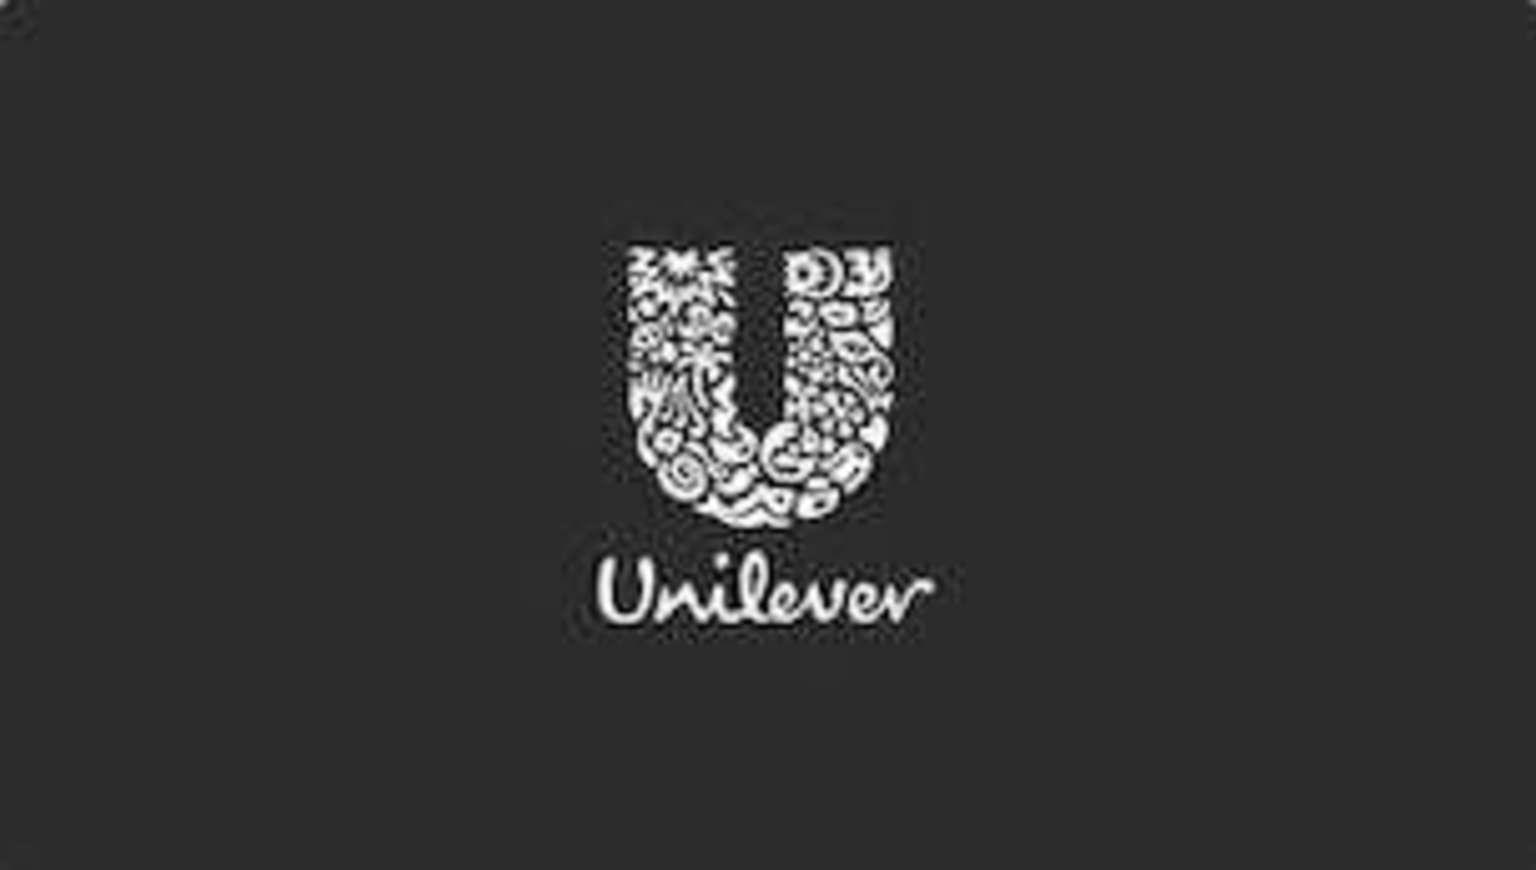 Voir la vidéo client Unilever